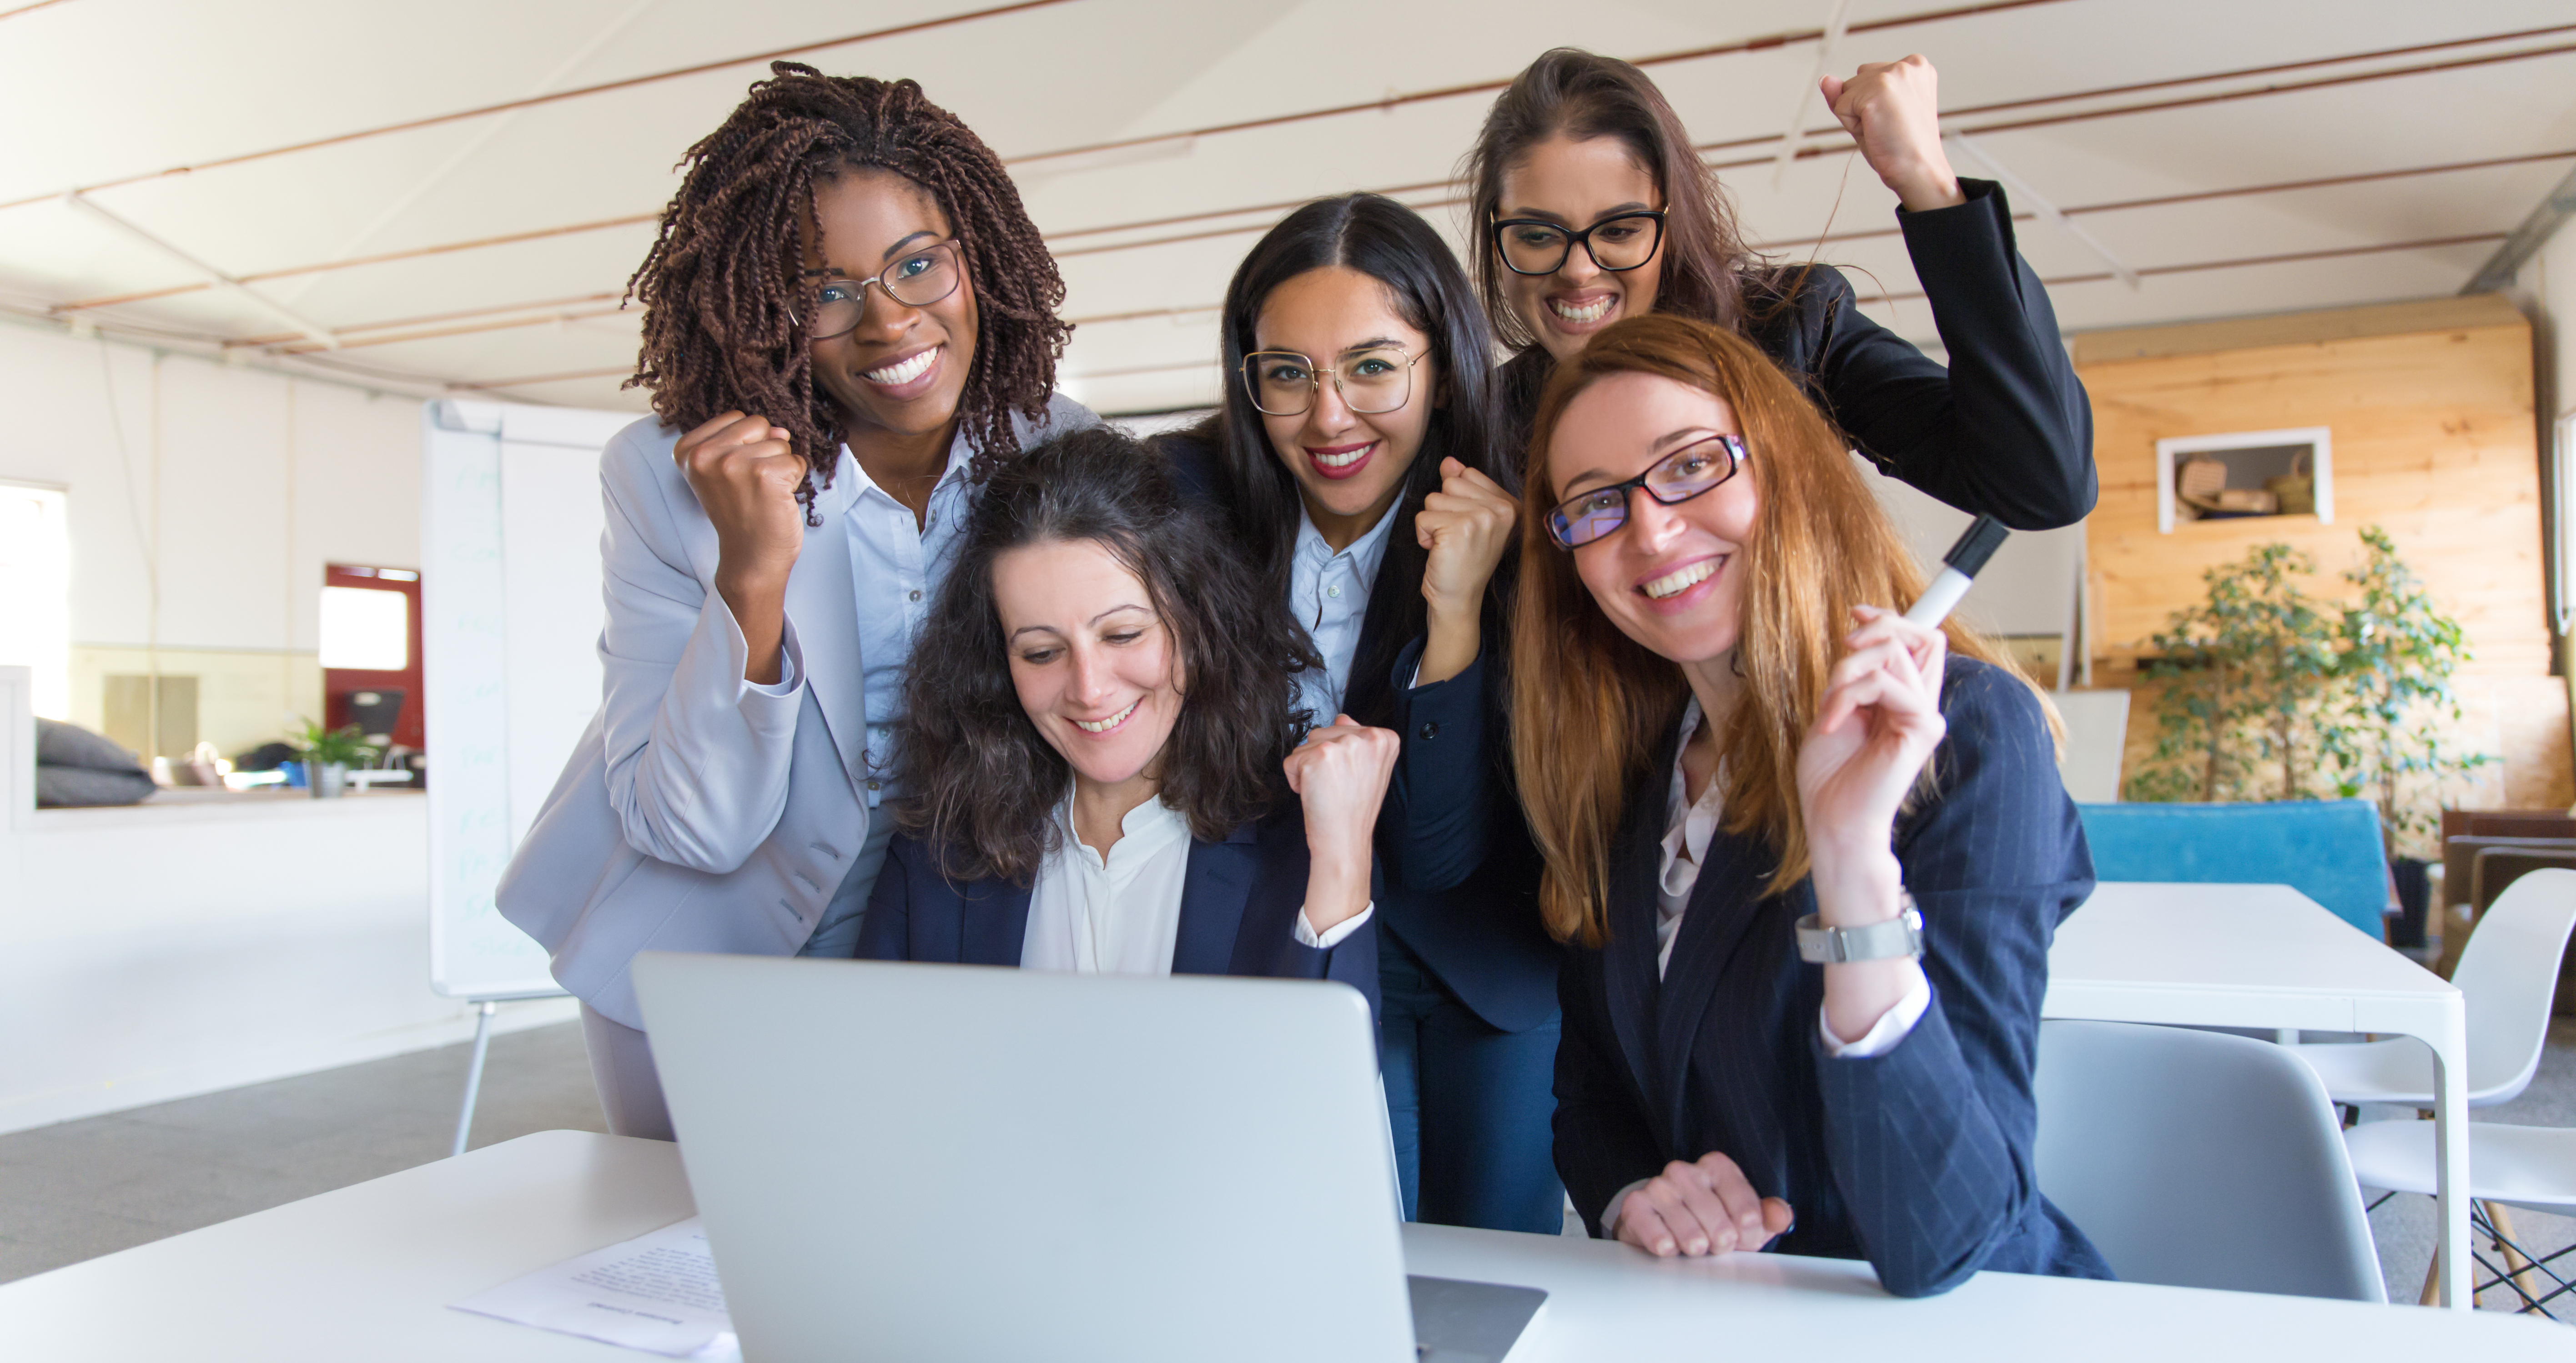 Microsoft oferece cursos gratuitos para capacitar 100 mil mulheres